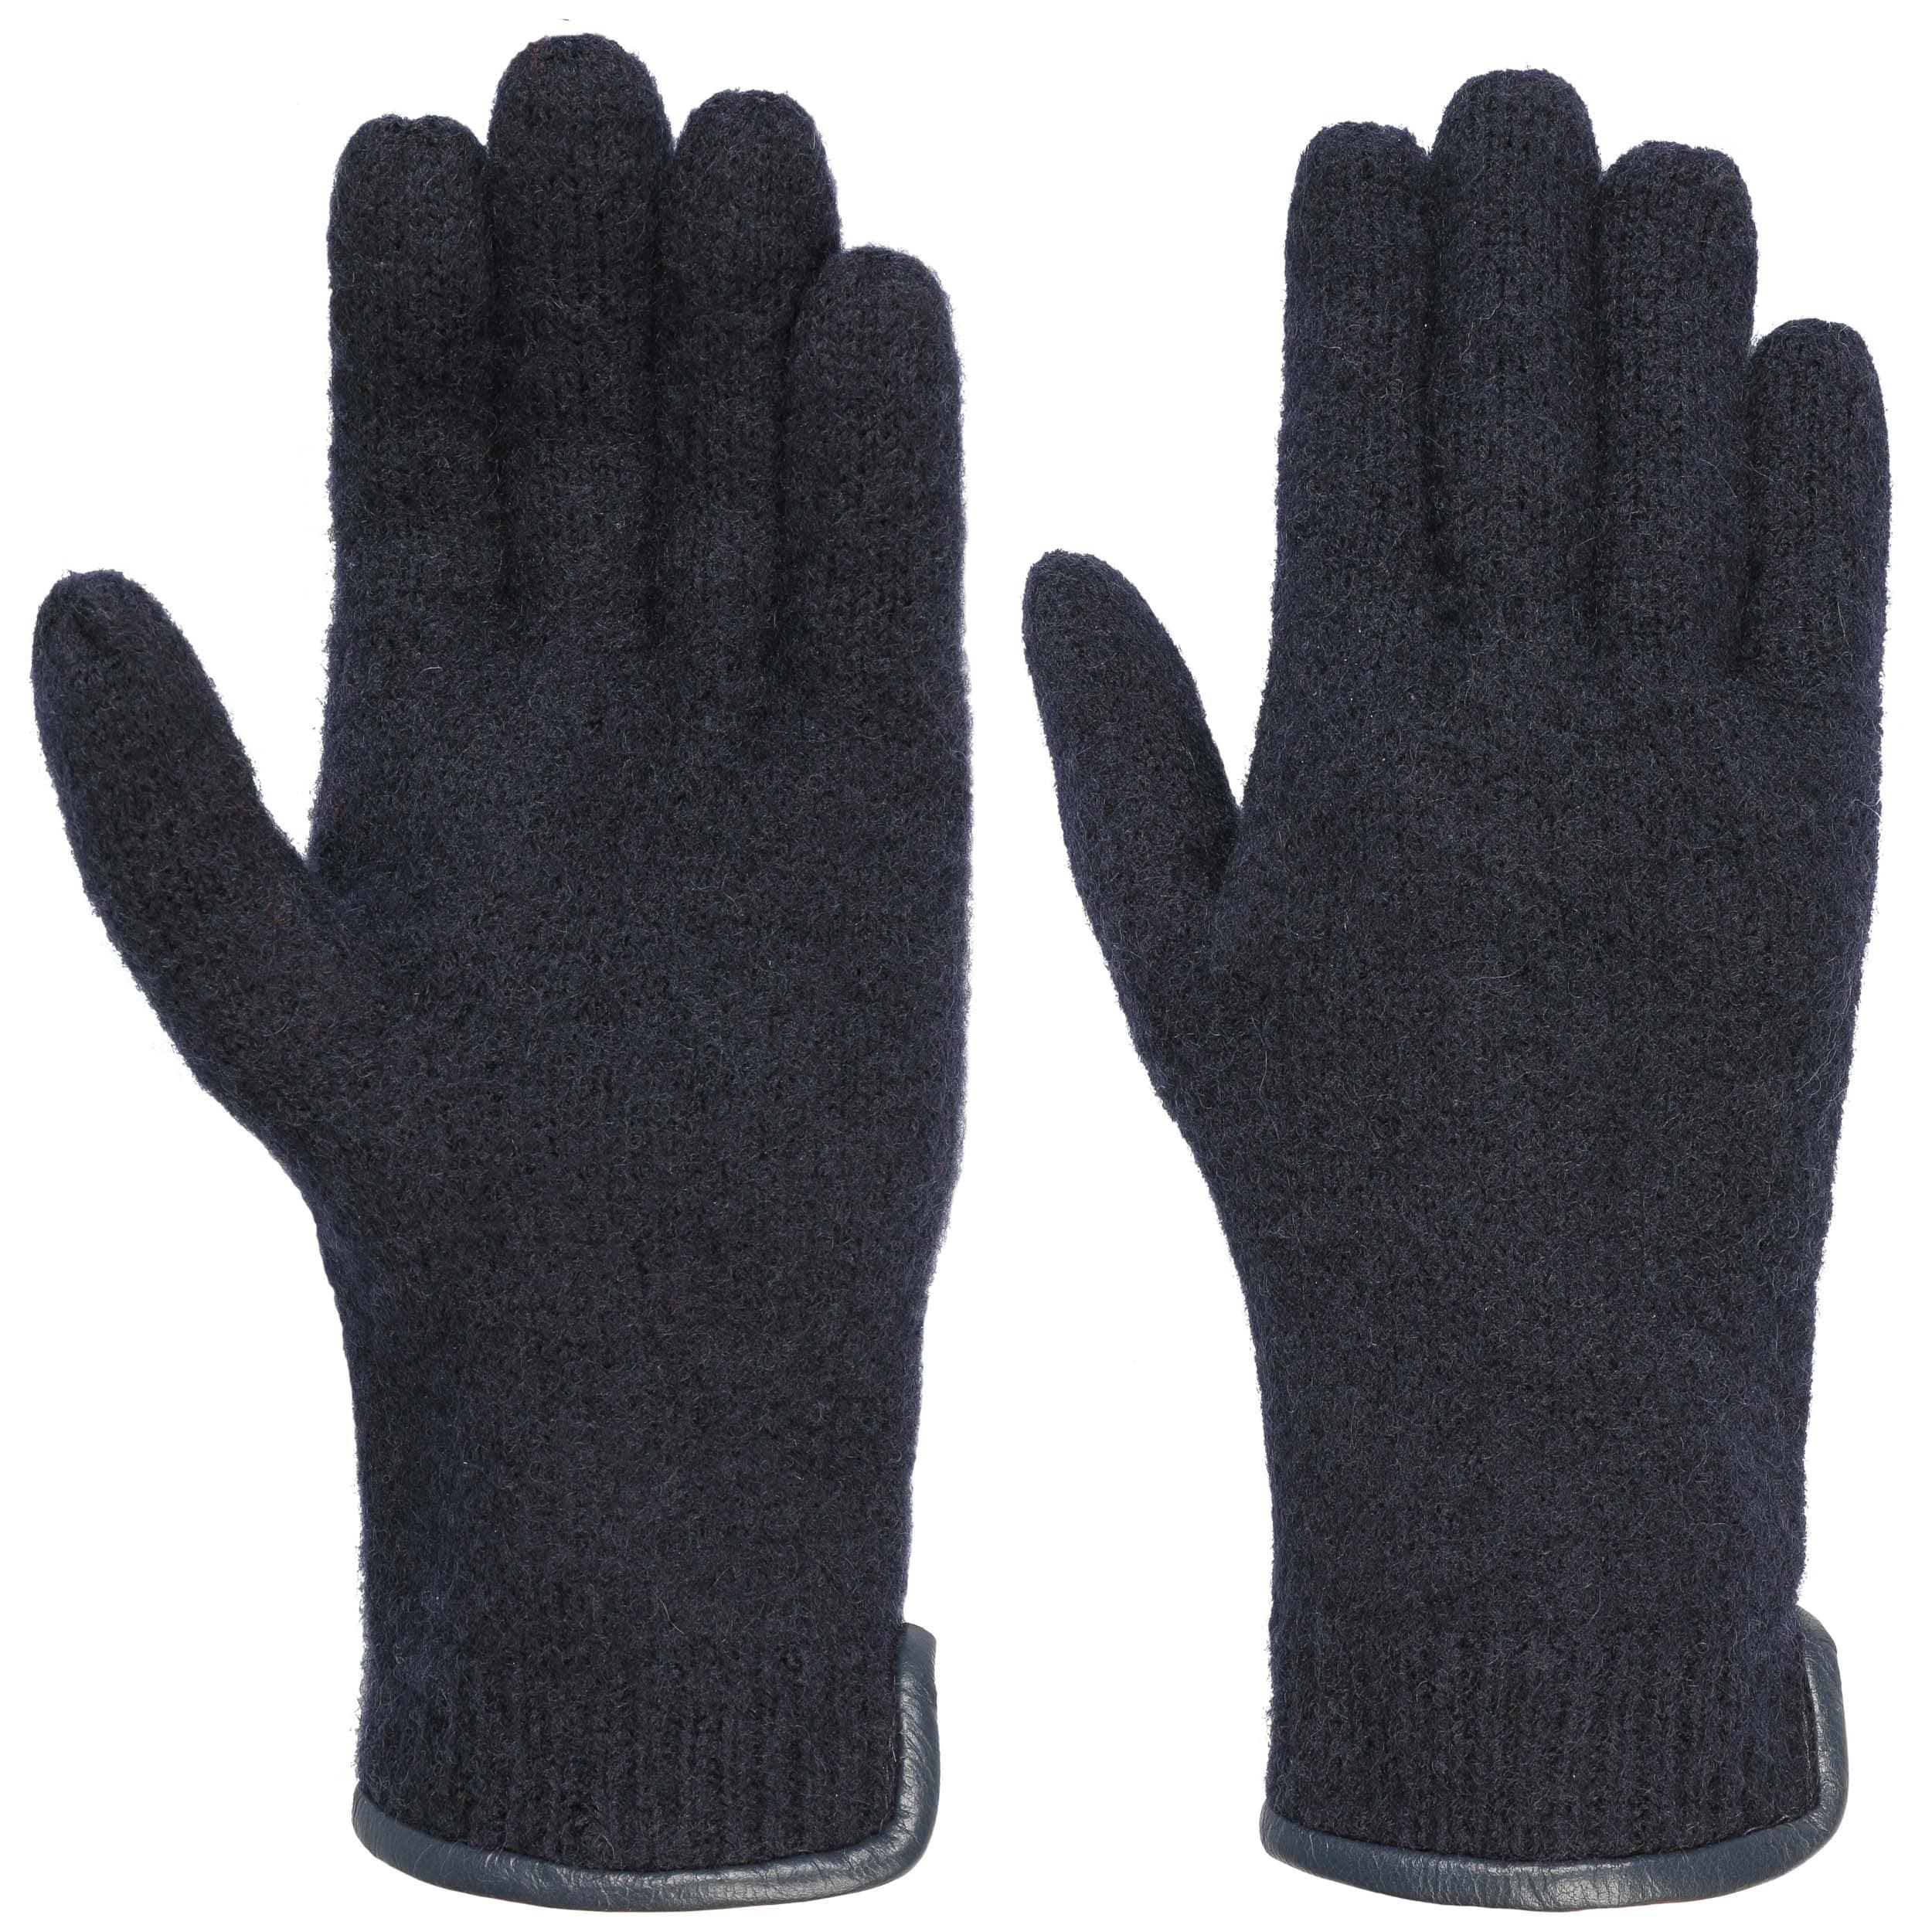 Artikel klicken und genauer betrachten! - Filzweiche Behaglichkeit. 100% Woolmark®-Schurwolle bringt eine enorme Portion Wärme in die hochwertigen Walkhandschuhe und macht sie bis zu den Fingerspitzen spürbar gemütlich. Der Paspelrand aus geschmeidigem Leder am Handgelenk sowie der seitliche Zierknopf verleihen den melierten Wollhandschuhen einen eleganten Feinschliff. Aus 100% Schurwolle.   im Online Shop kaufen